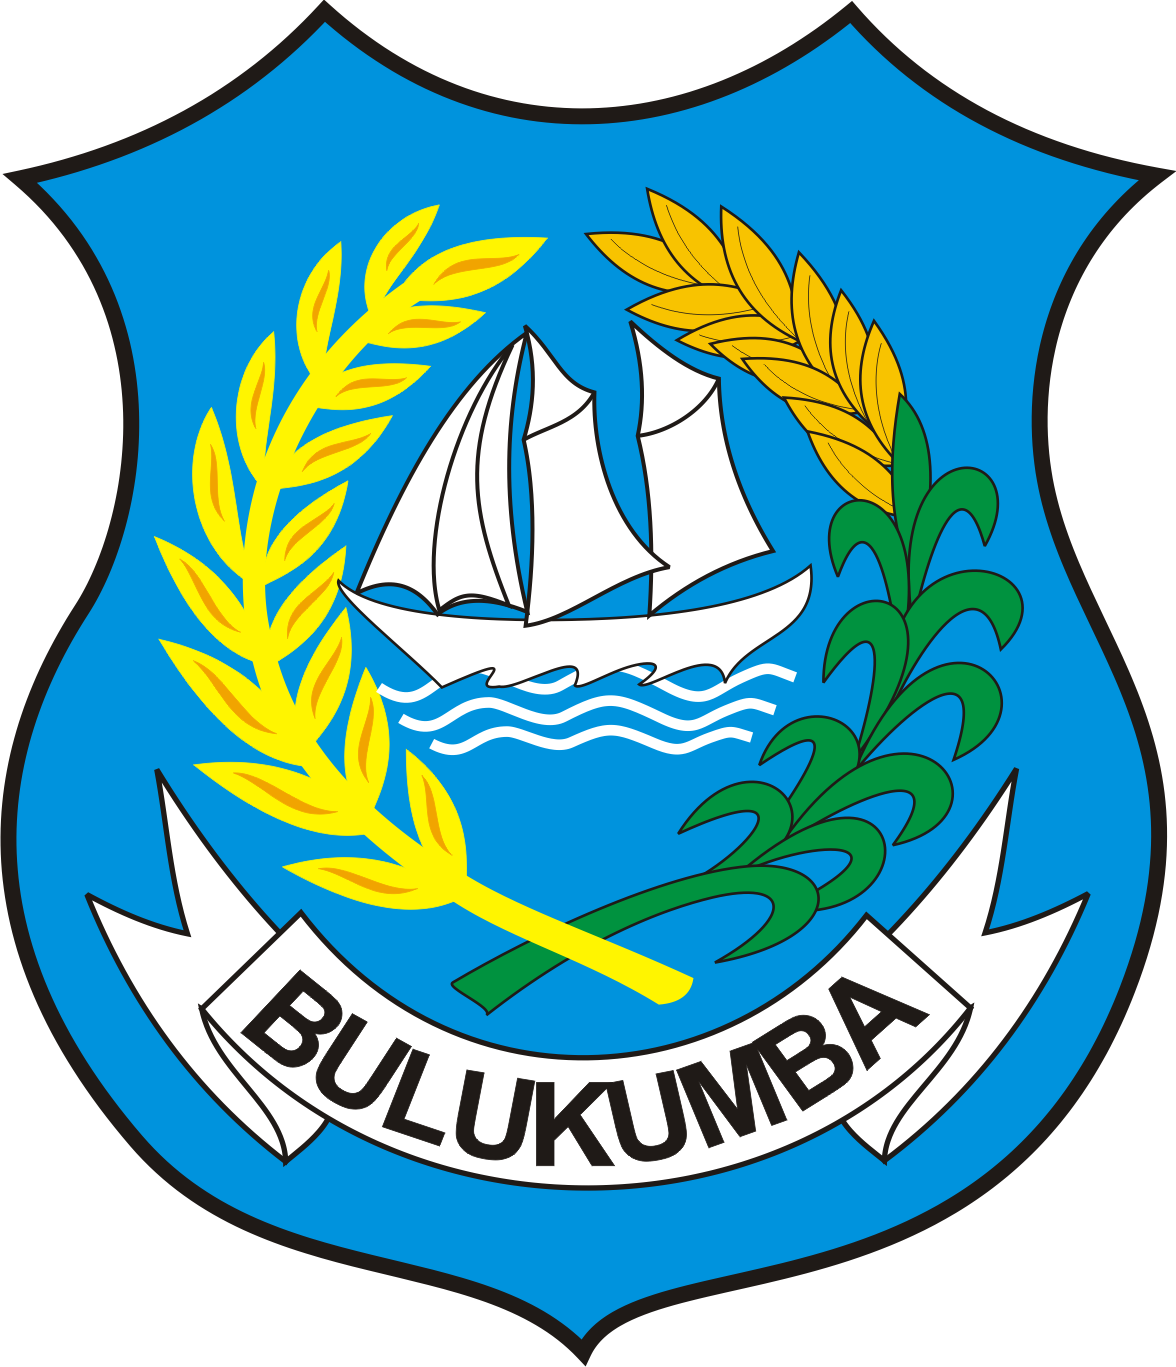 Pin Oleh Adhy Blk Di Logo Indonesia Kota